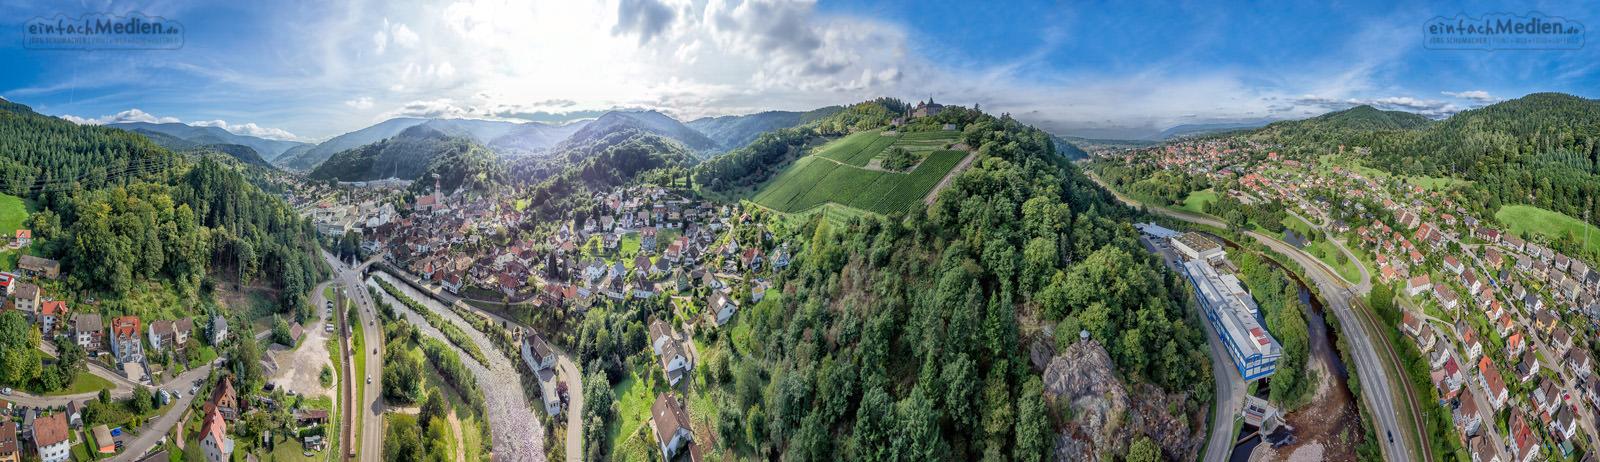 DSC8882-OK_Gernsbach_Obertsrot_Murg_Eberstein Luftbilder